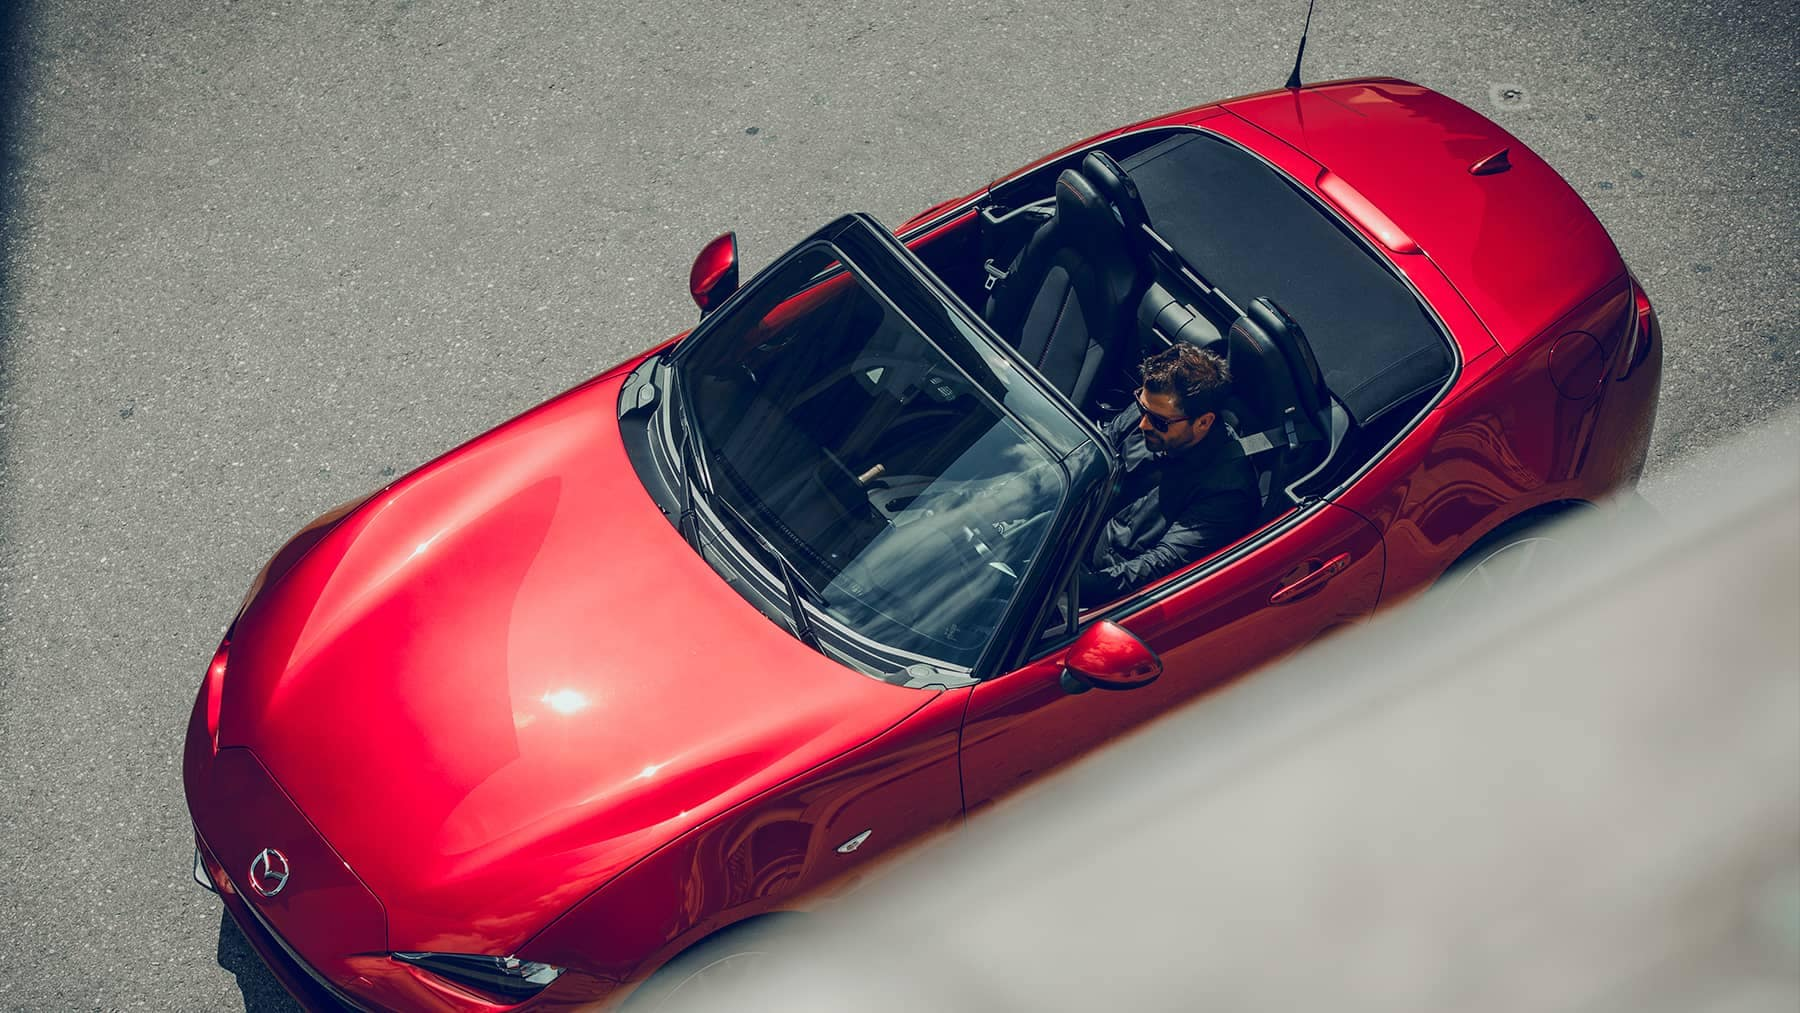 2019 Mazda MX-5 Miata Top view